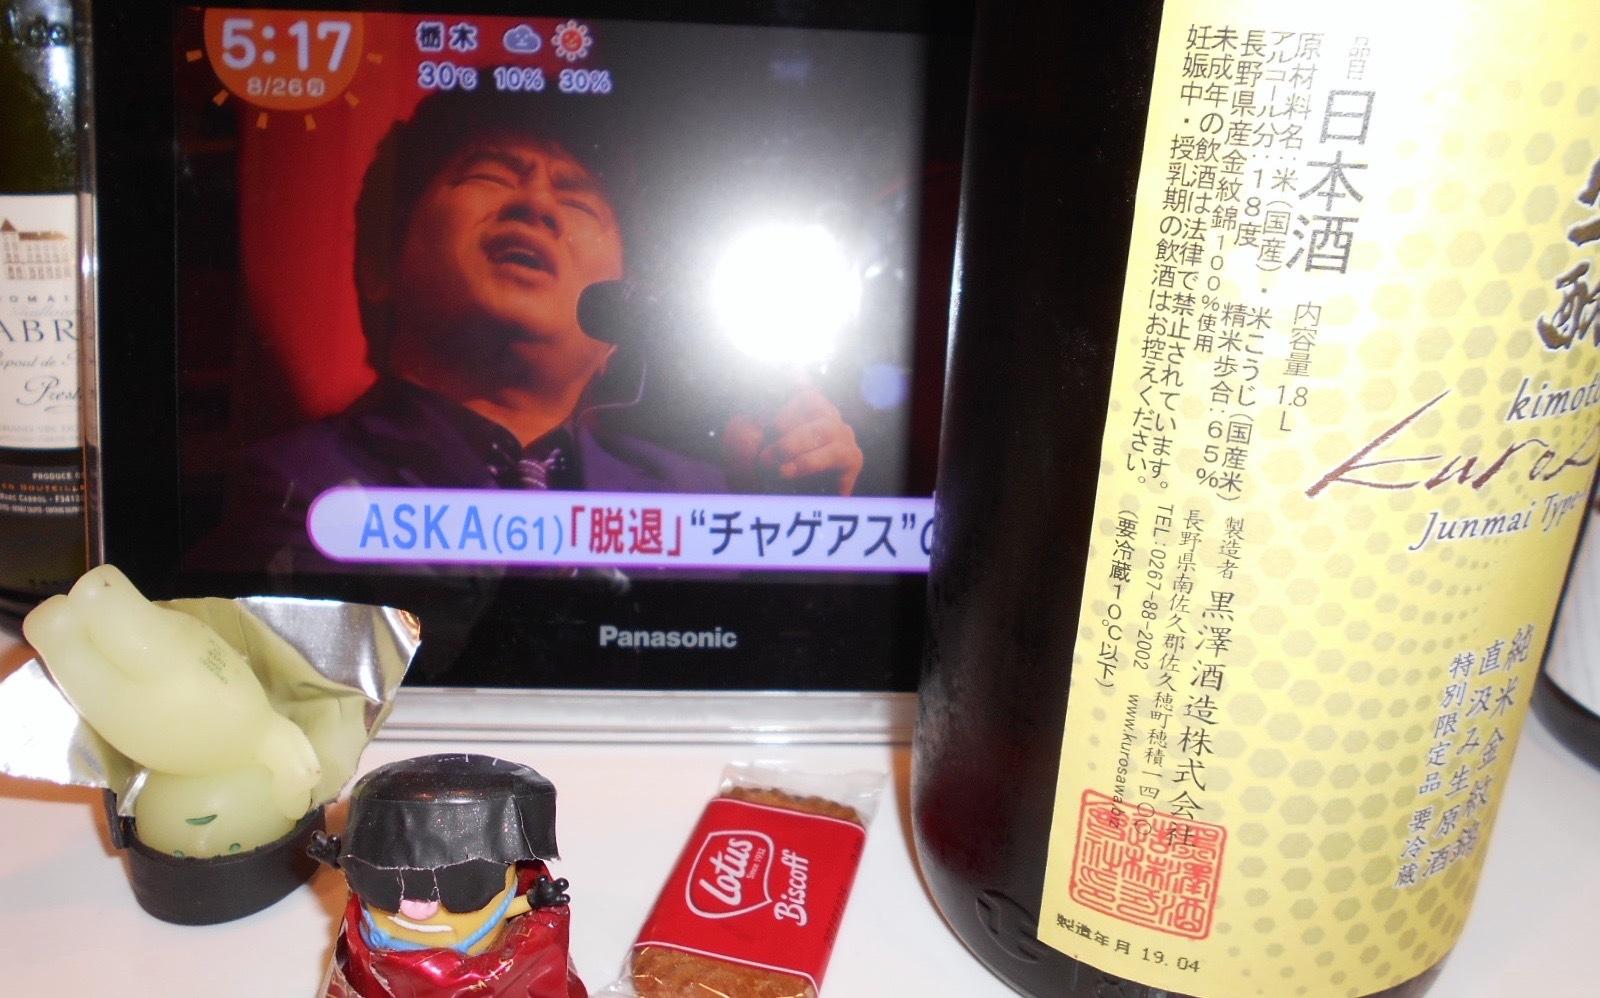 kurosawa_type-k30by4_2.jpg